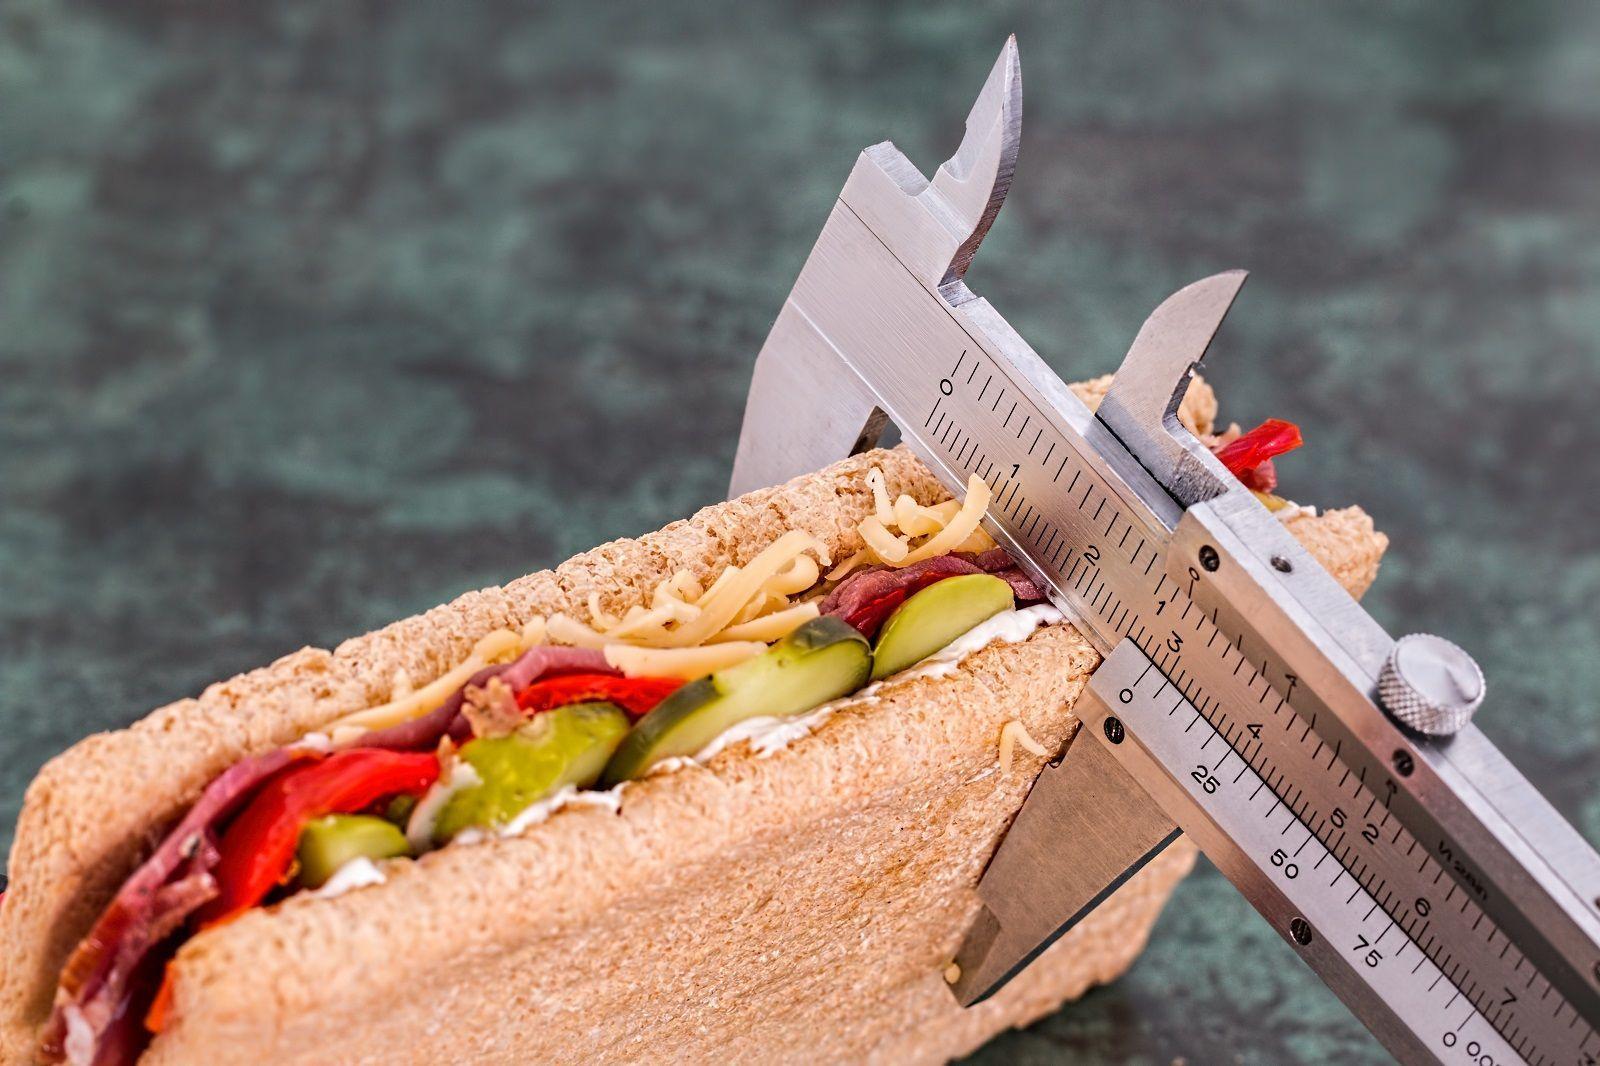 Quanto tempo aspettare dopo aver mangiato per fare attività fisica?